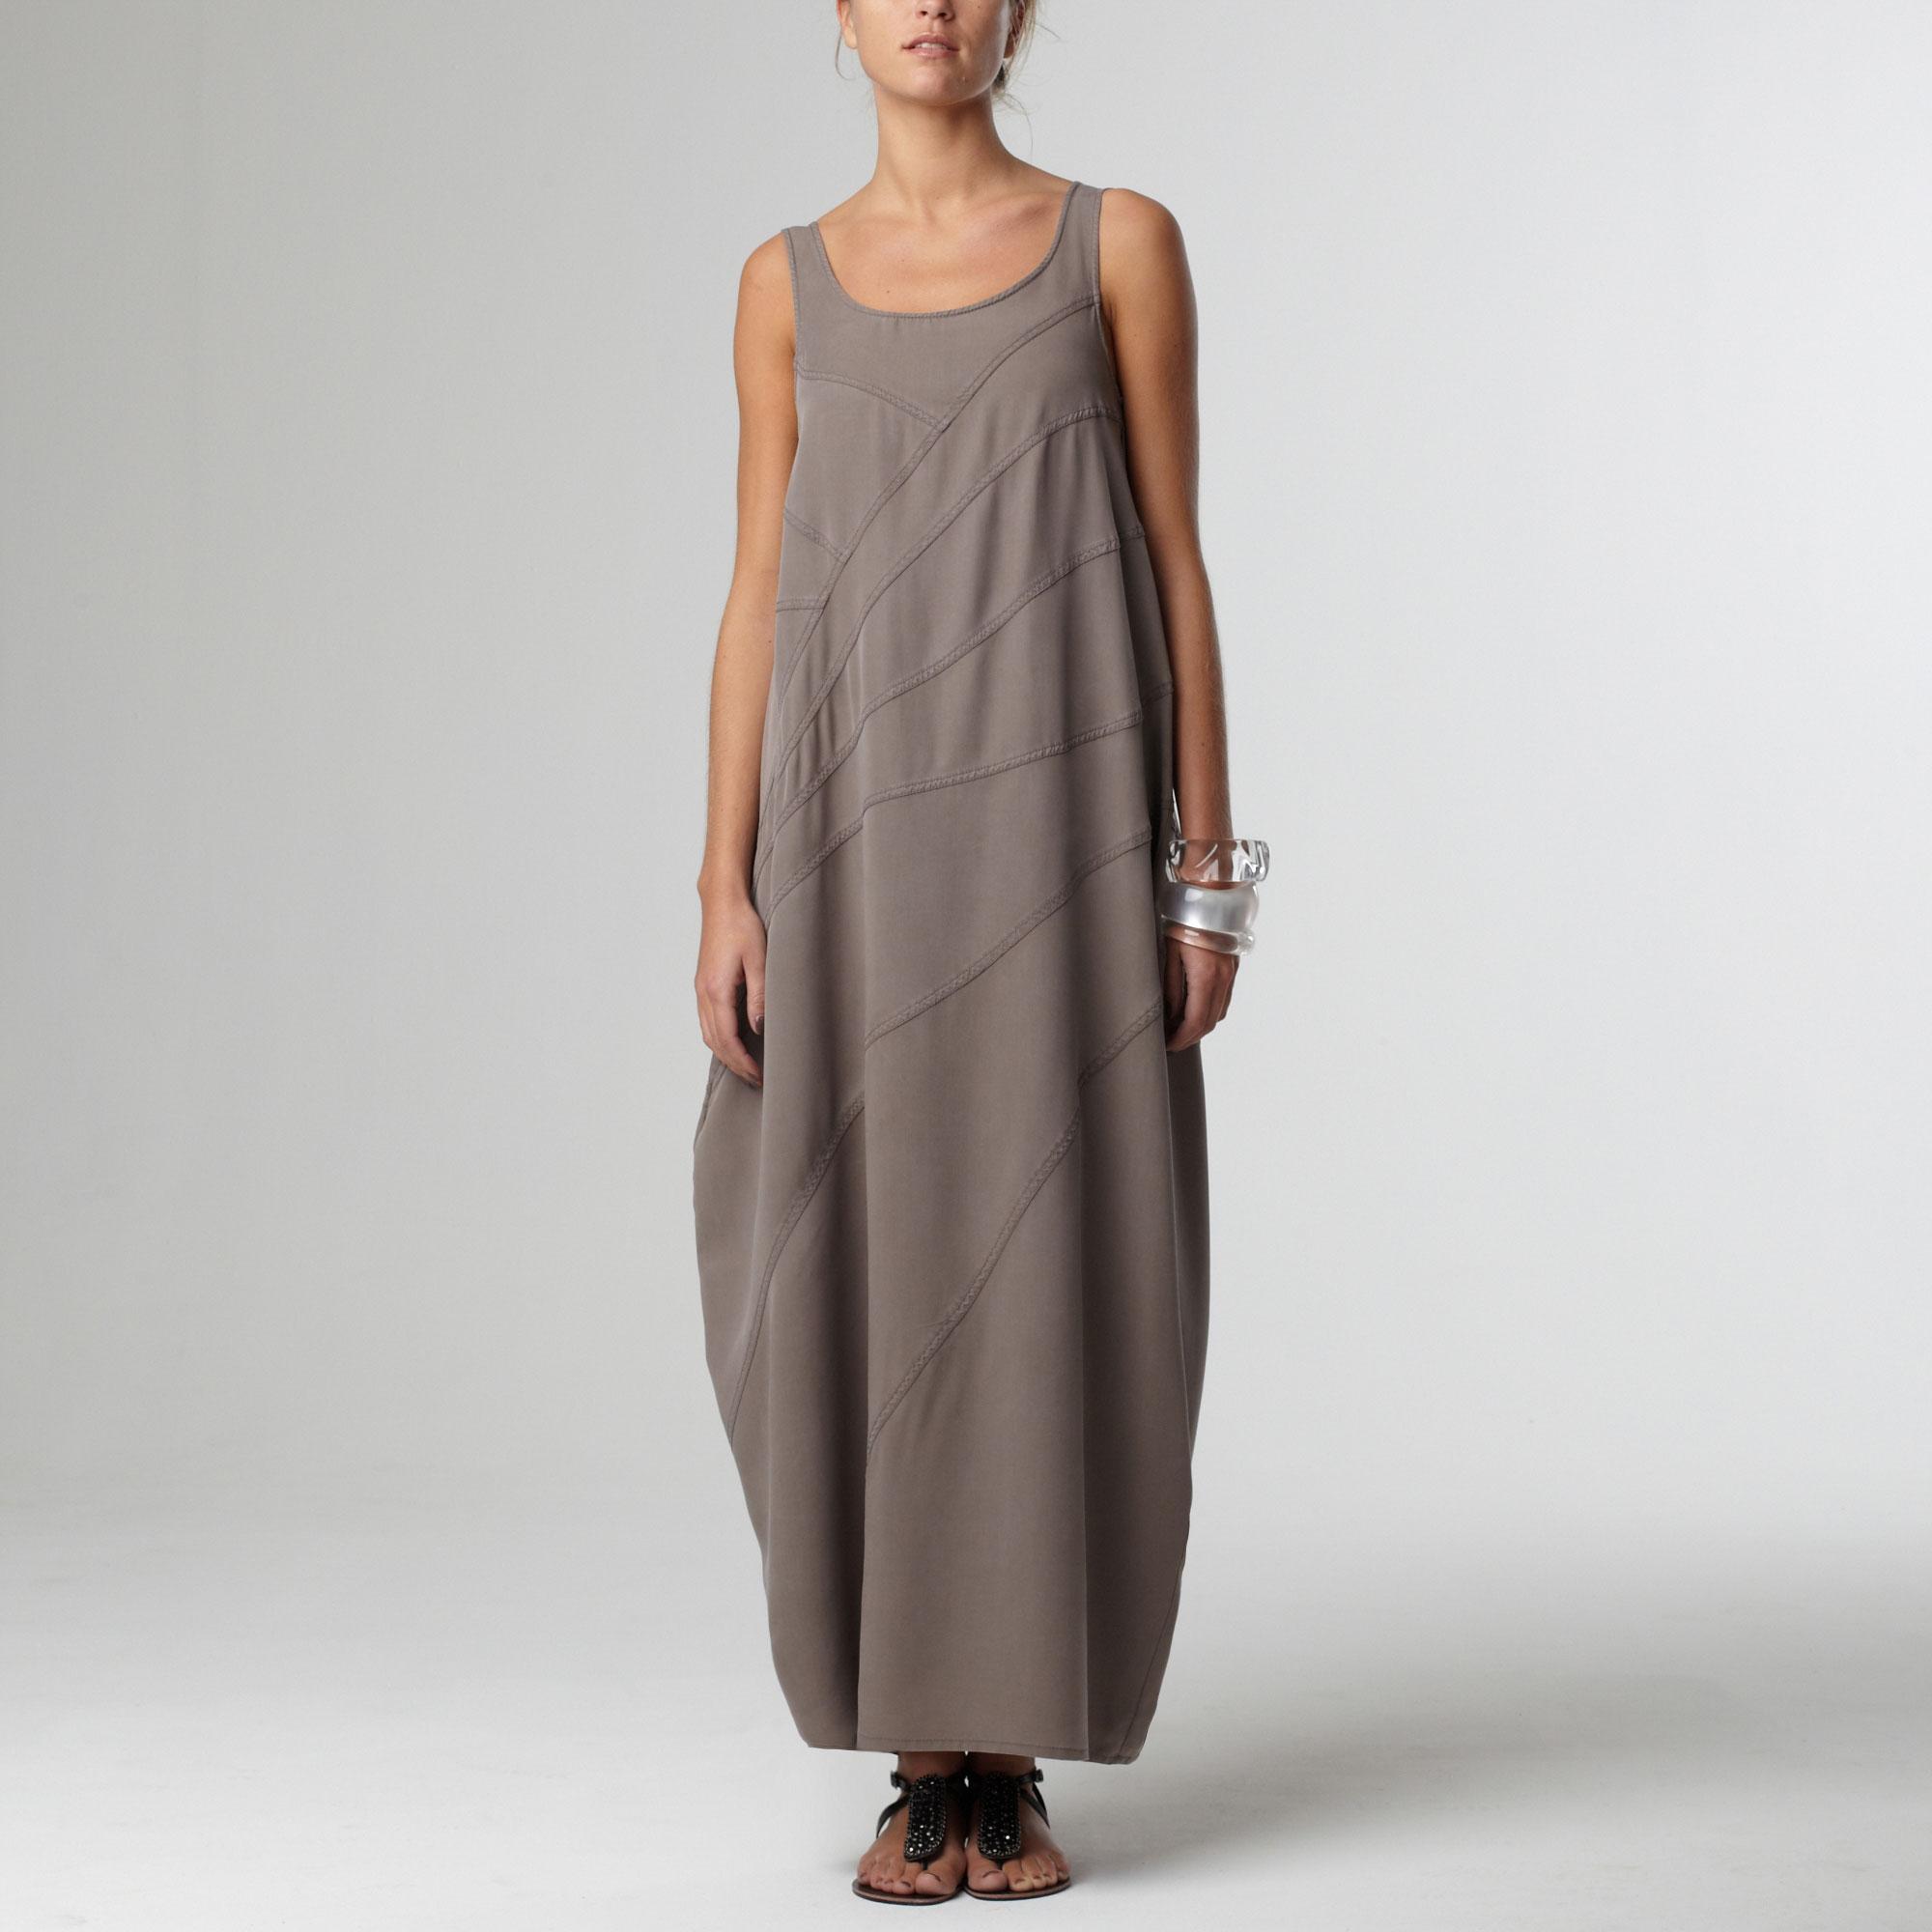 3f942553024 Robe longue 3 SUISSES 40 (L